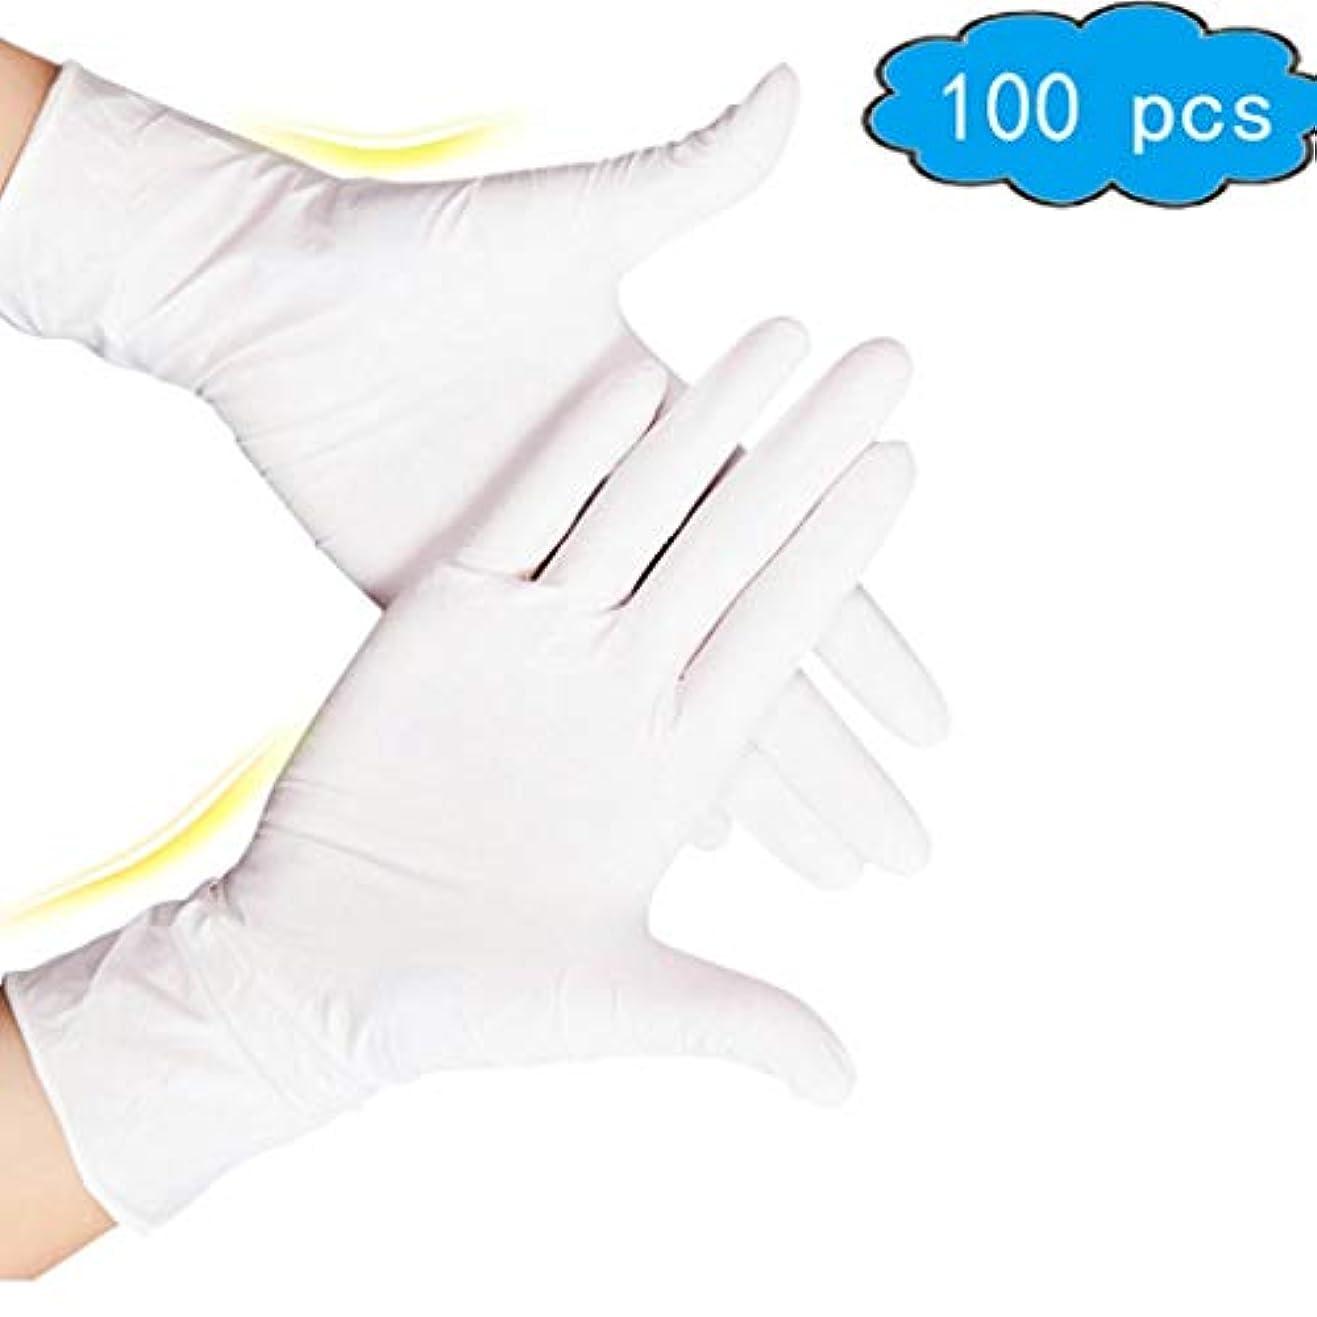 ペダル記者伝染病ホワイトニトリル使い捨て手袋 - 質感、検査、パウダーフリー、極厚5ミル、極太12